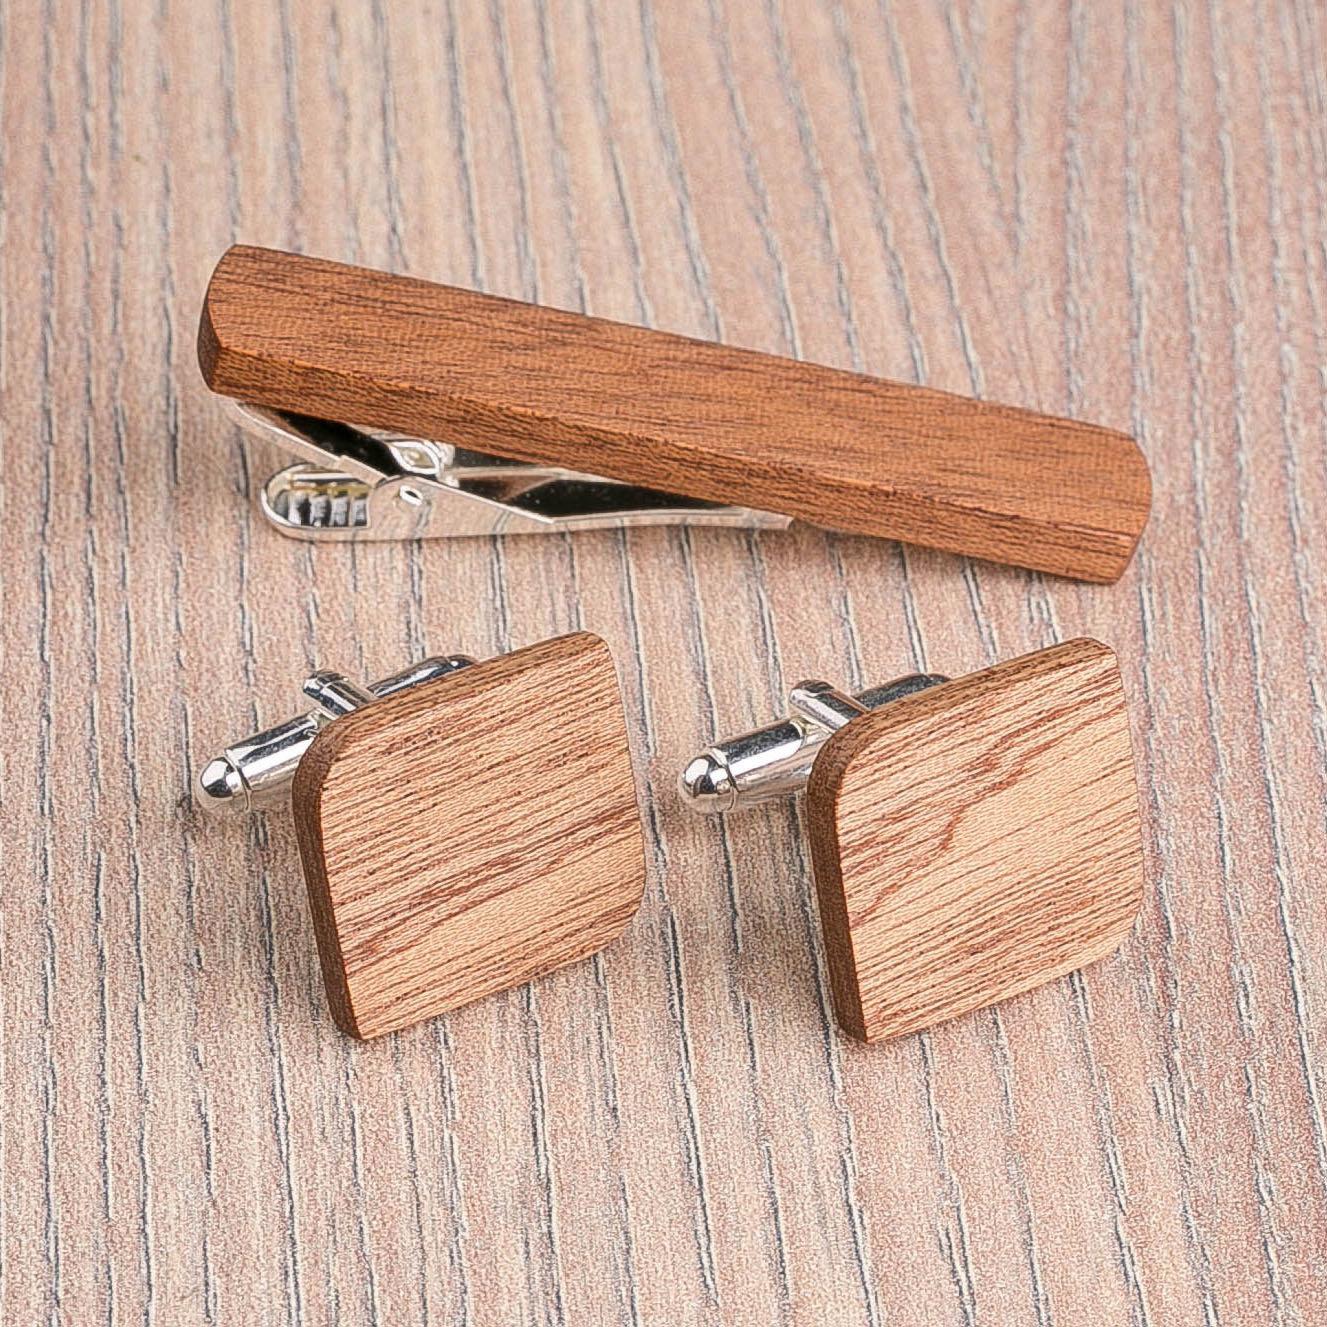 Комплект: Скругленные запонки из дерева и Деревянный зажим для галстука. Массив африканского сапеле. Гравировка инициалов. Упаковка в комплекте CufflinksSet-RndSquareSapele